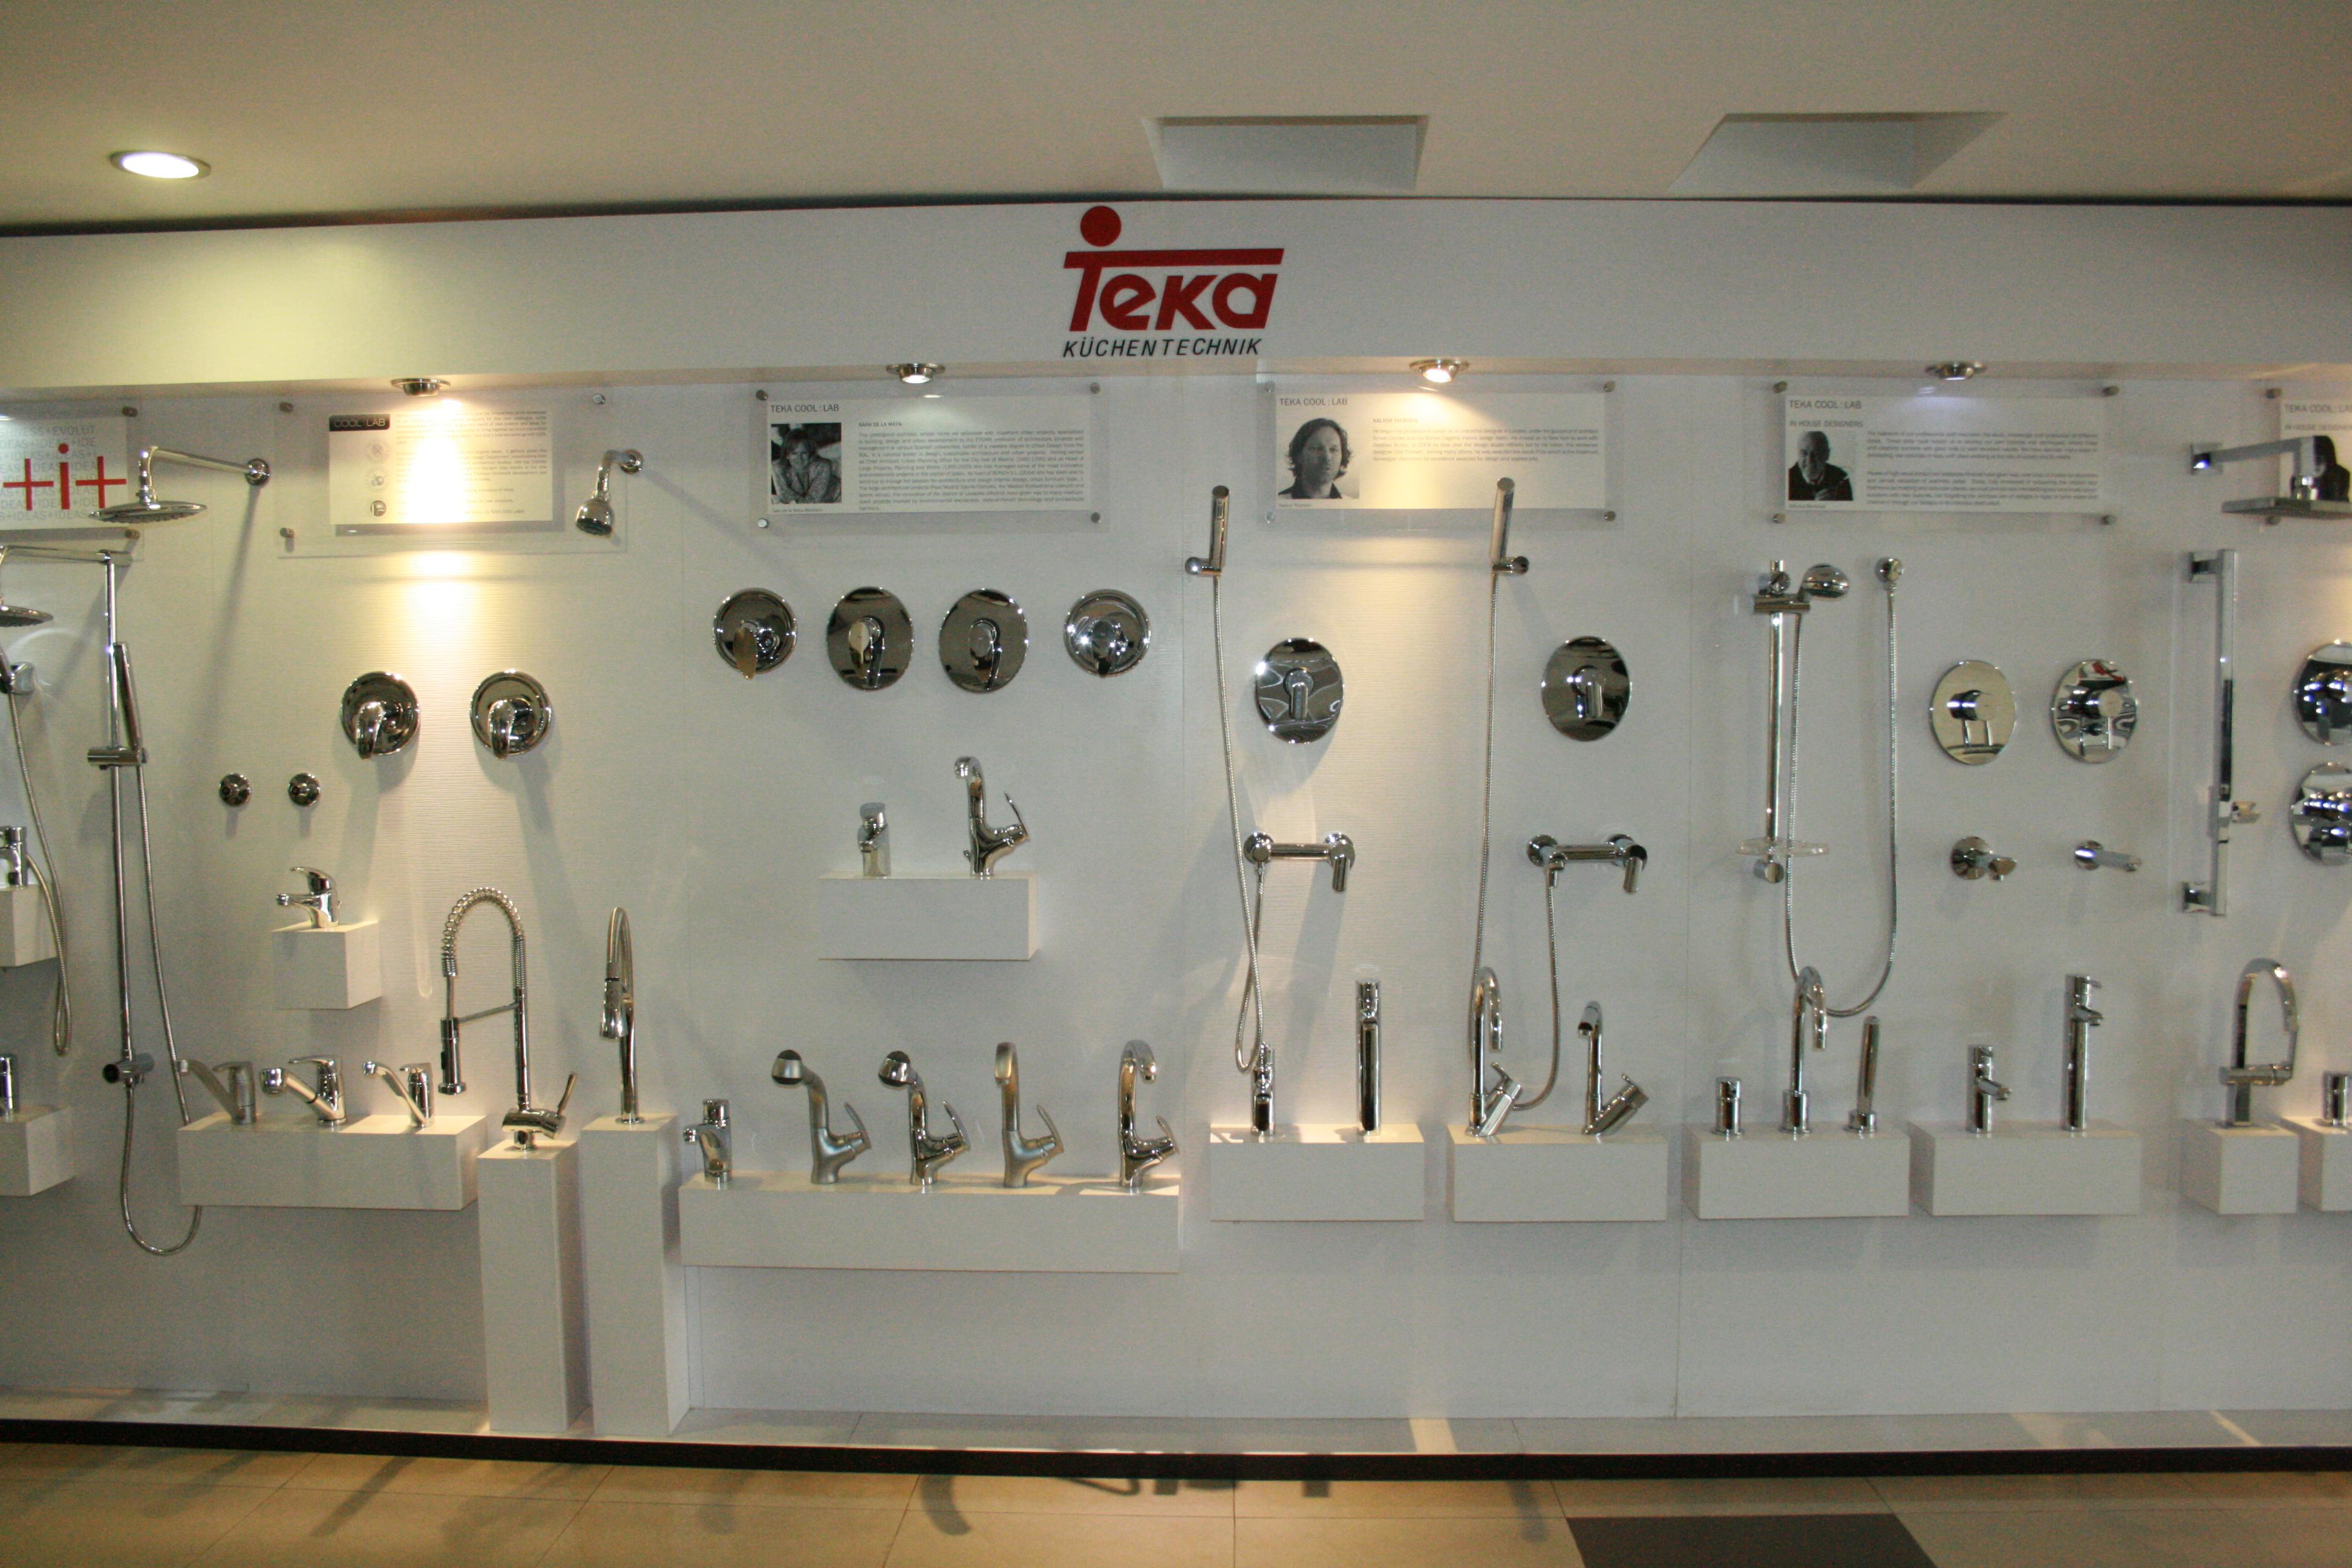 Teka Kuchentechnik Peru S A Kuche Wasserhahn Wechseln Glas